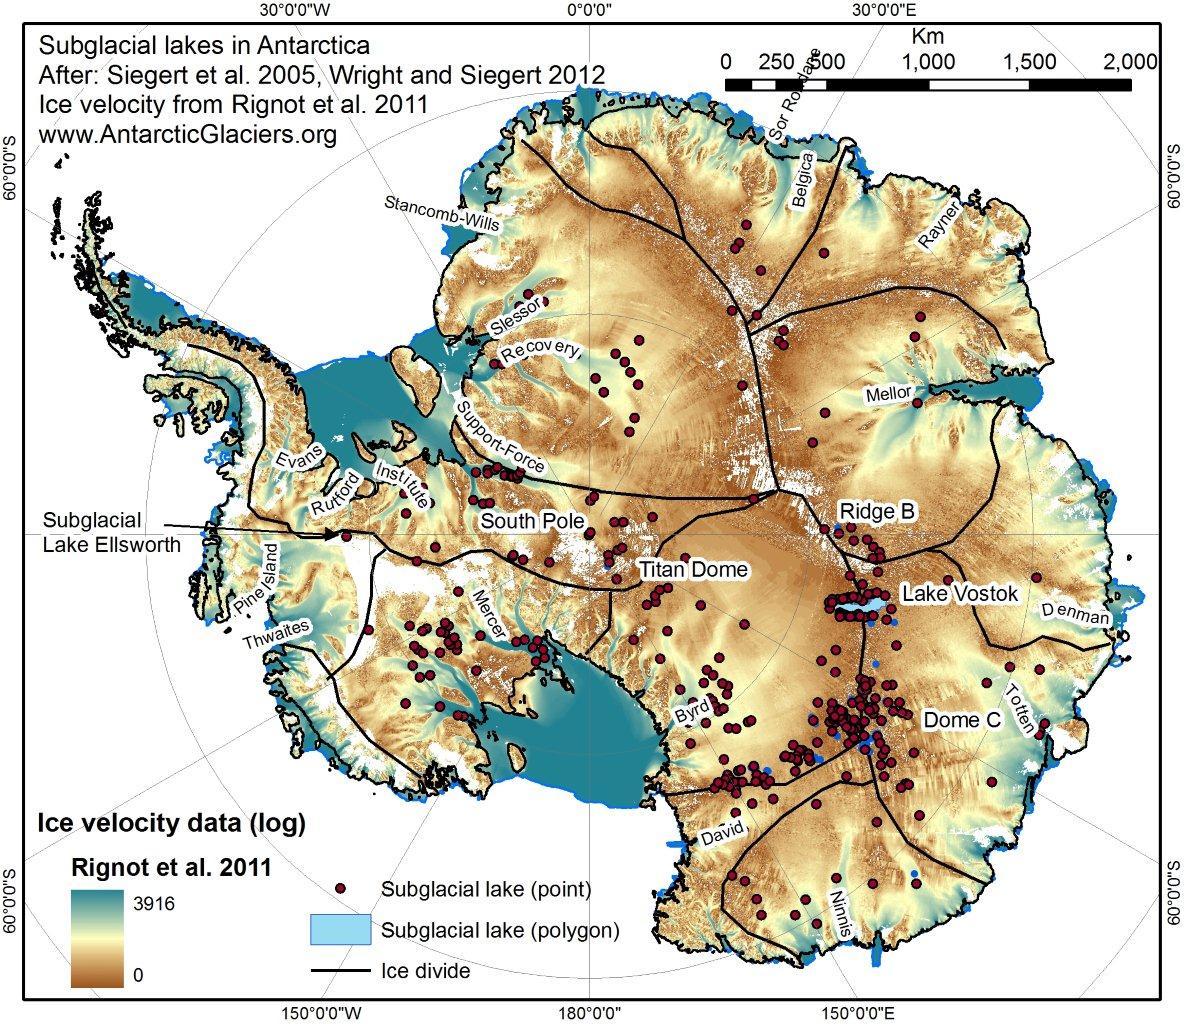 antarctic_subglacial_lakes